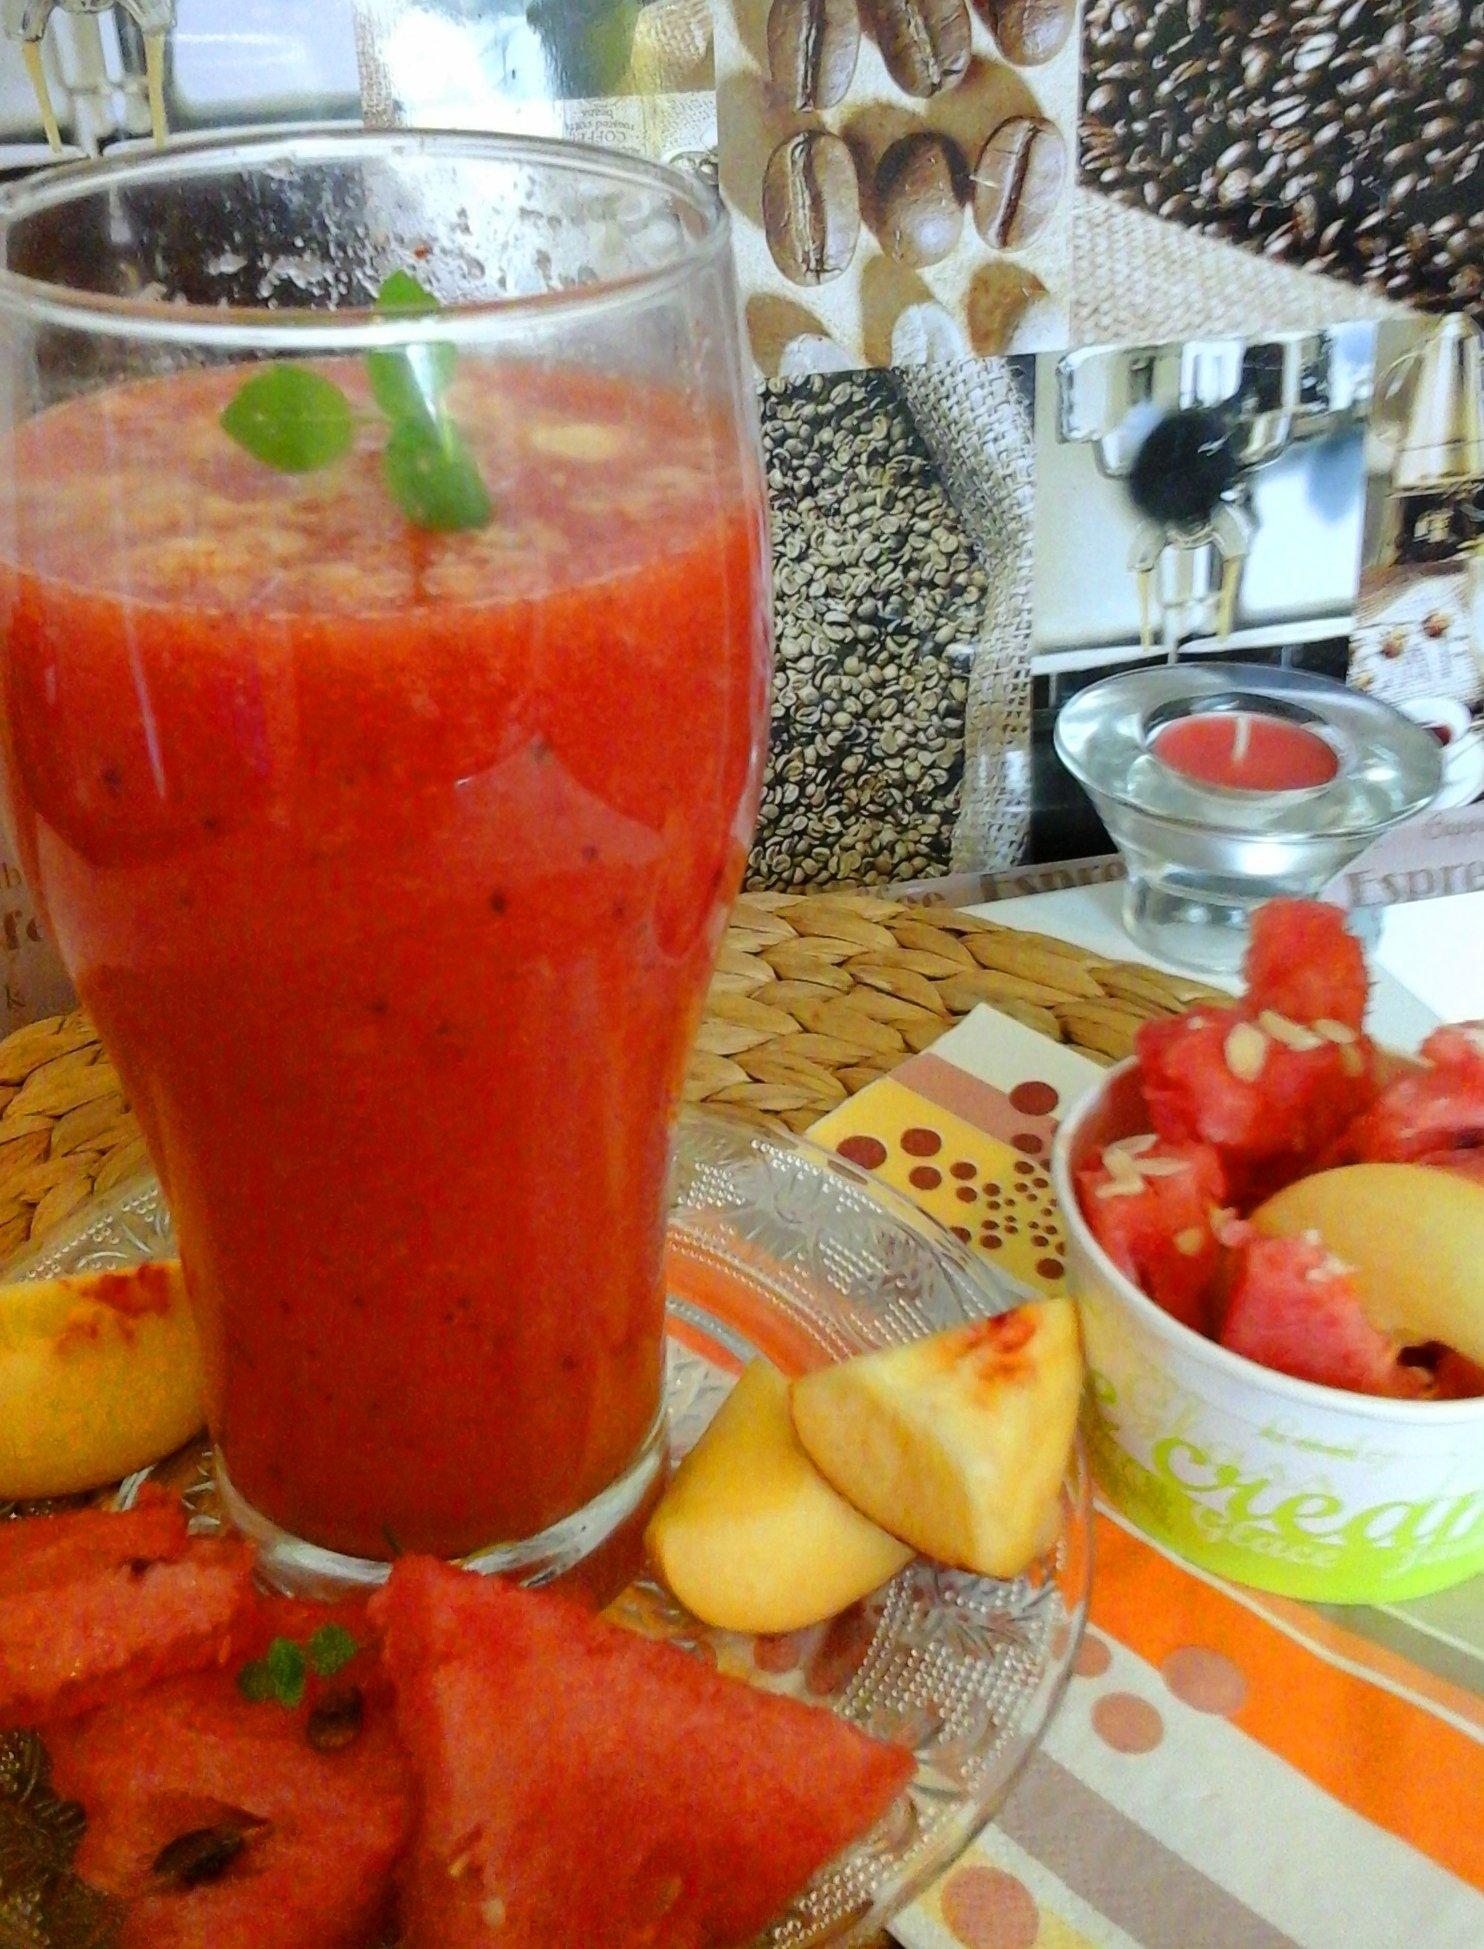 Még nem késő elkezdeni! - Turbó görögdinnye diéta és..